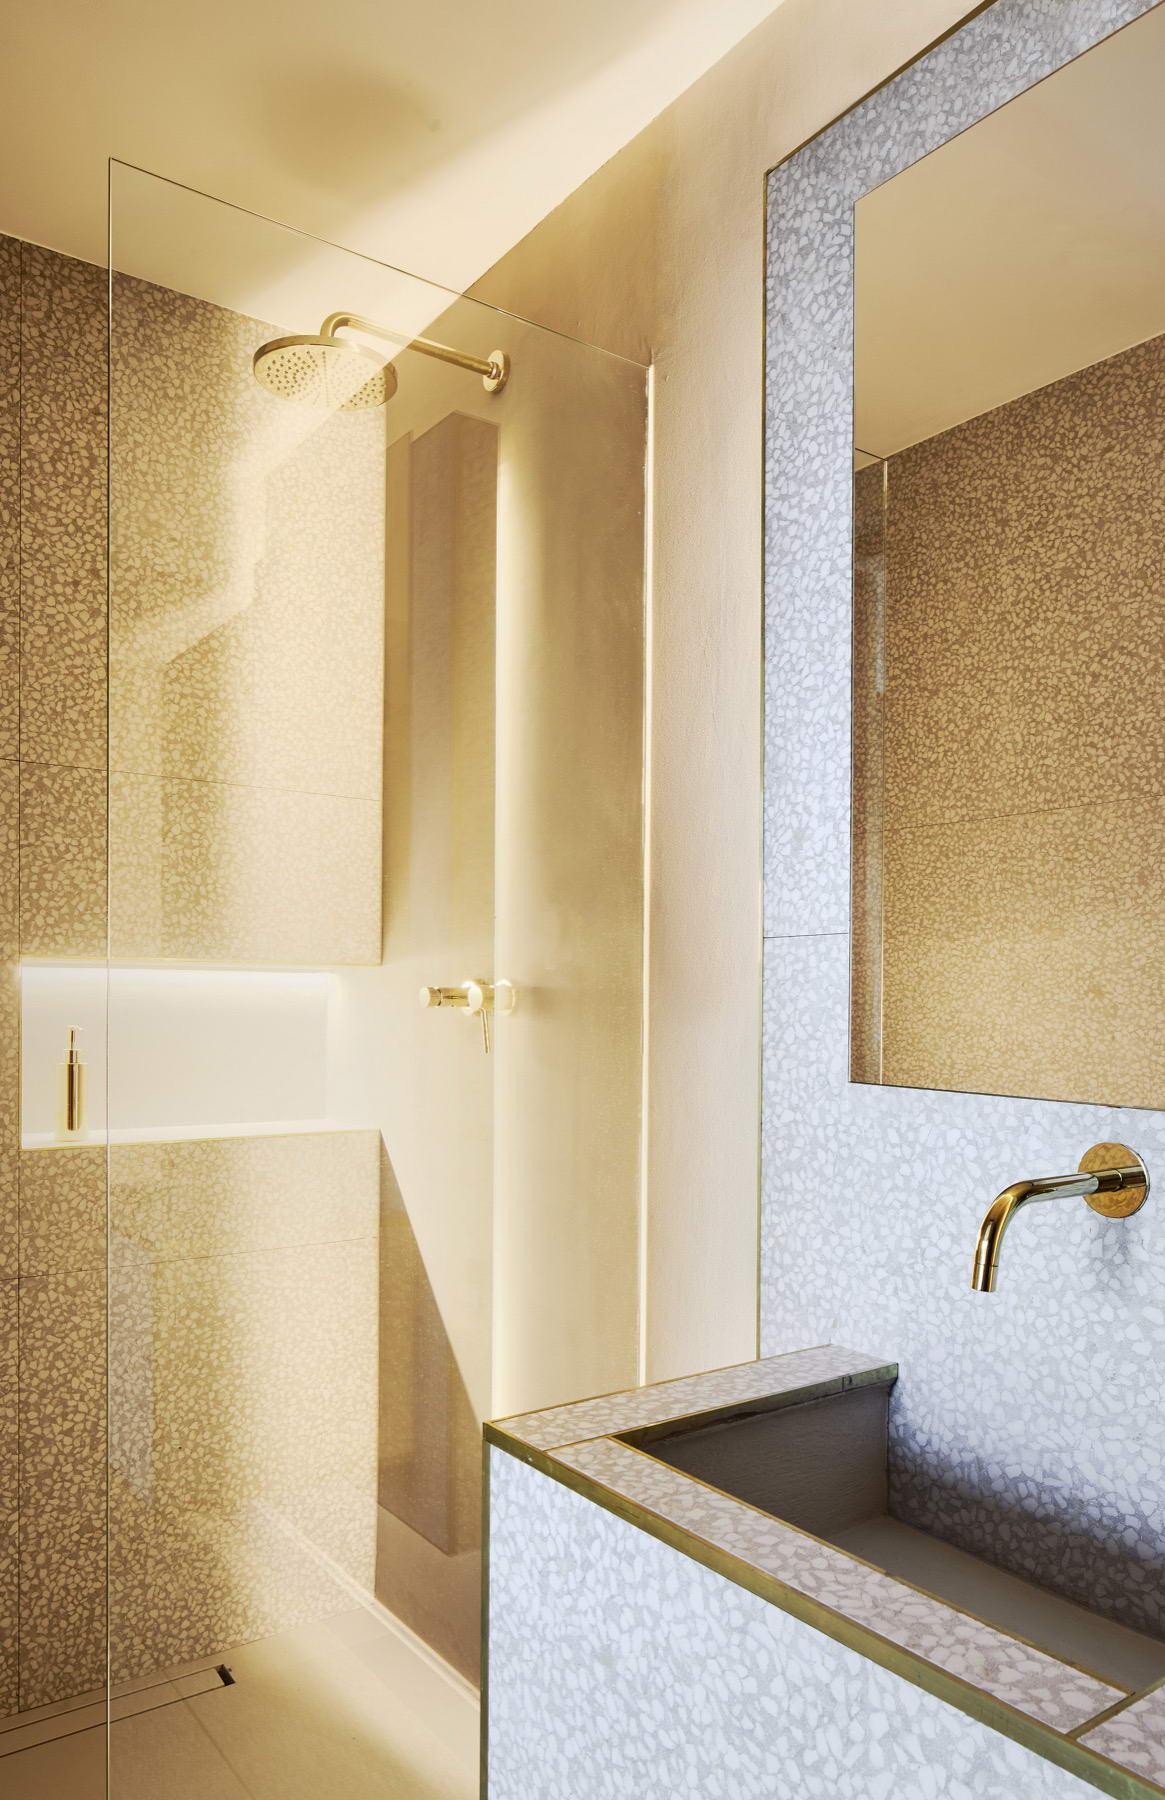 színes luxus lakás arany zuhanyzó fürdő